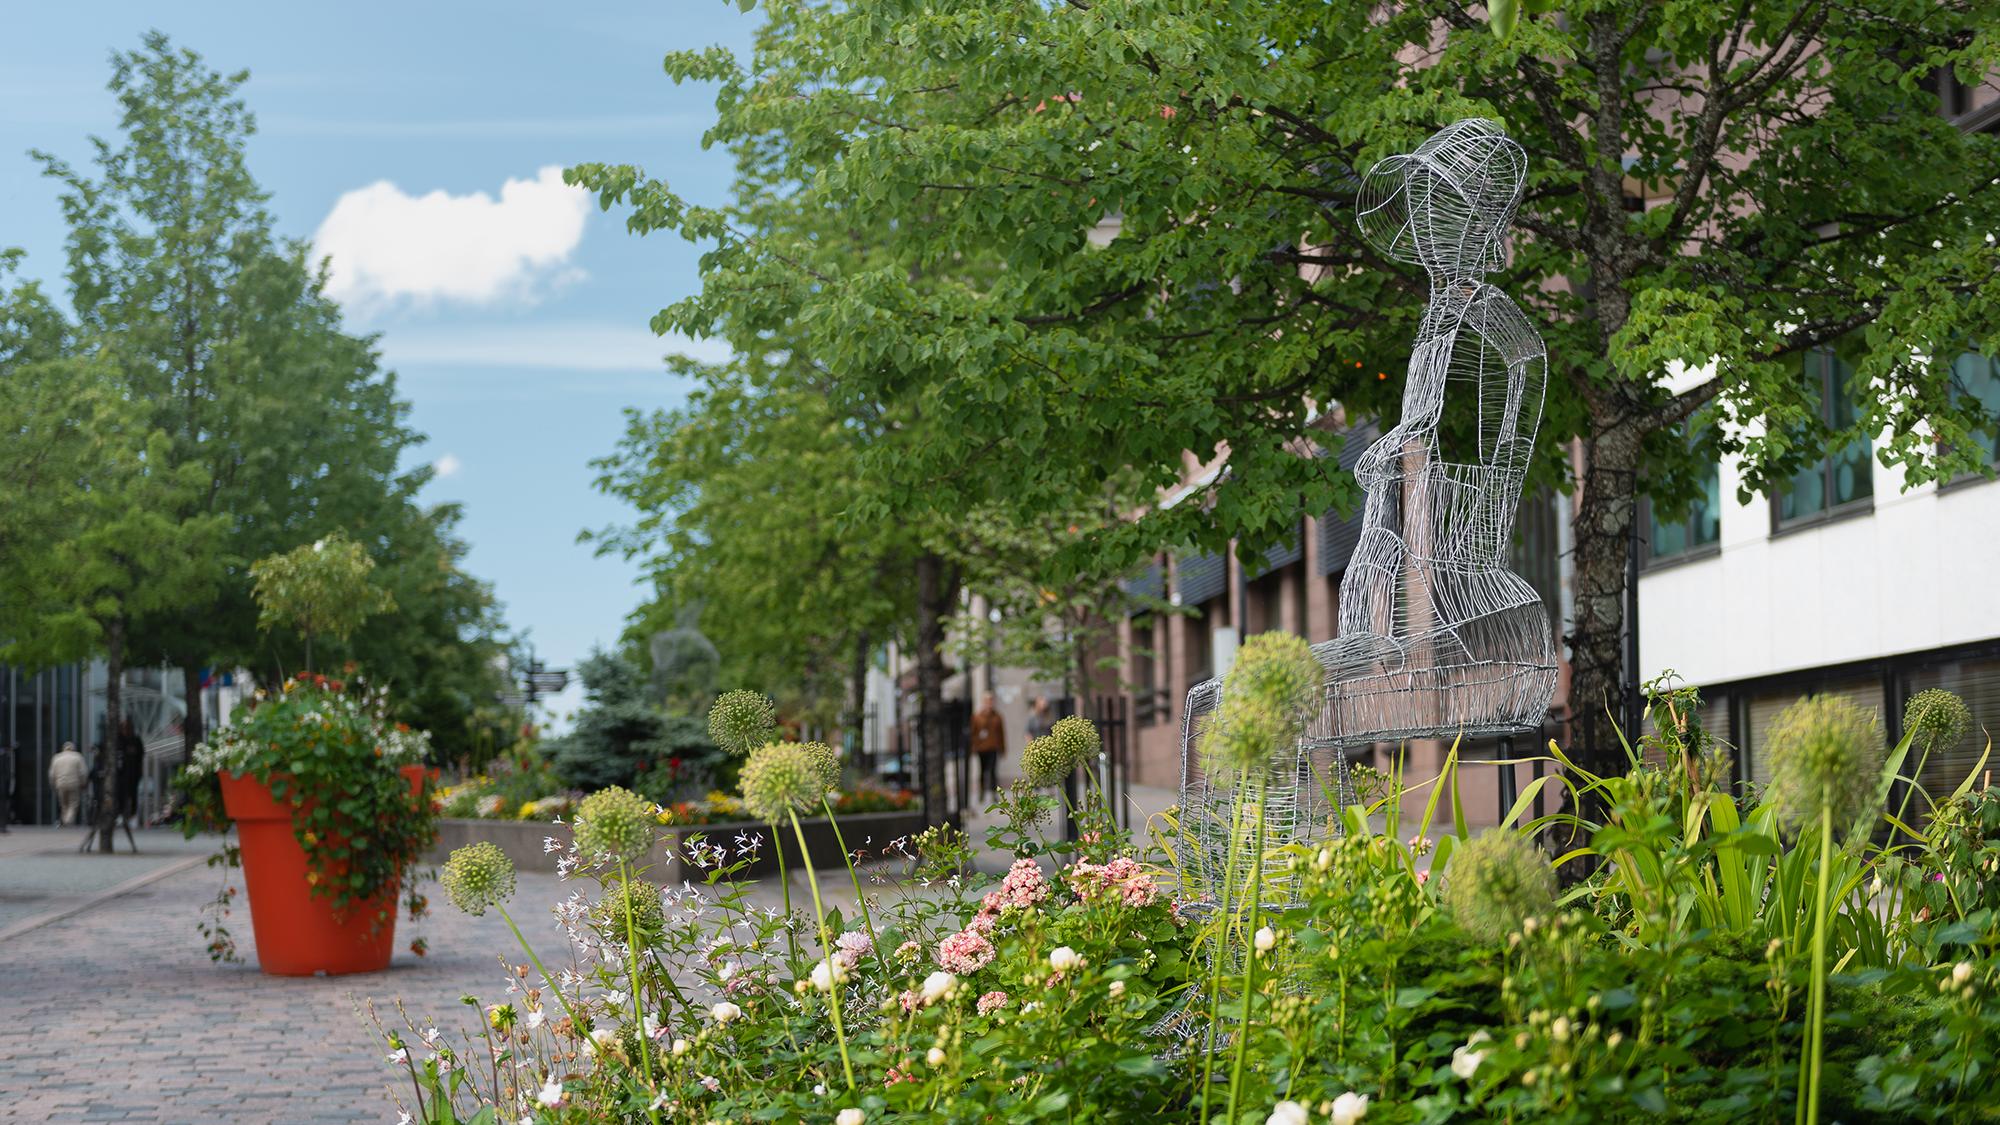 Vy över grönskande Fabriksgatan. I förgrunden blomplanteringar samt en ståltrådsskulptur som föreställer en sittande kvinna. Längre bak mera blomplanteringar samt träd som kantar gatan.